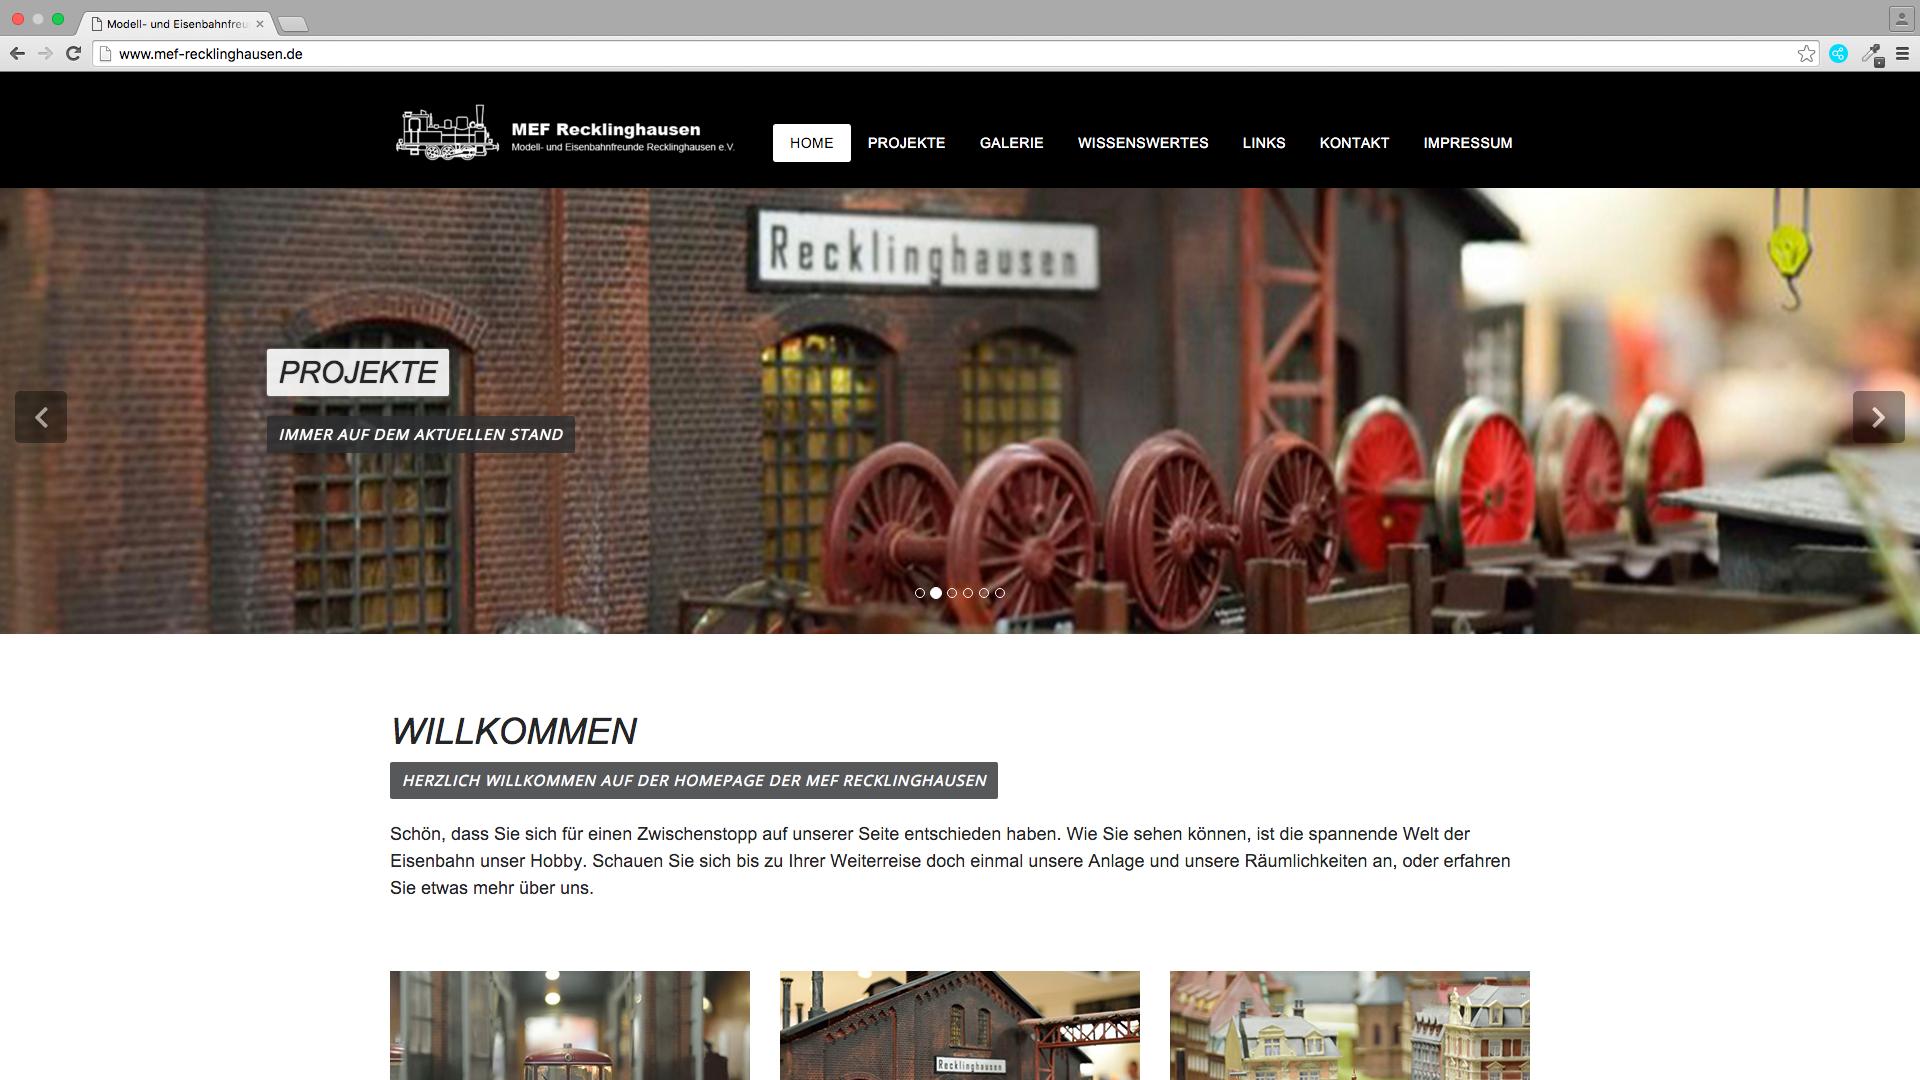 Modell- und Eisenbahnfreunde Recklinghausen e.V.